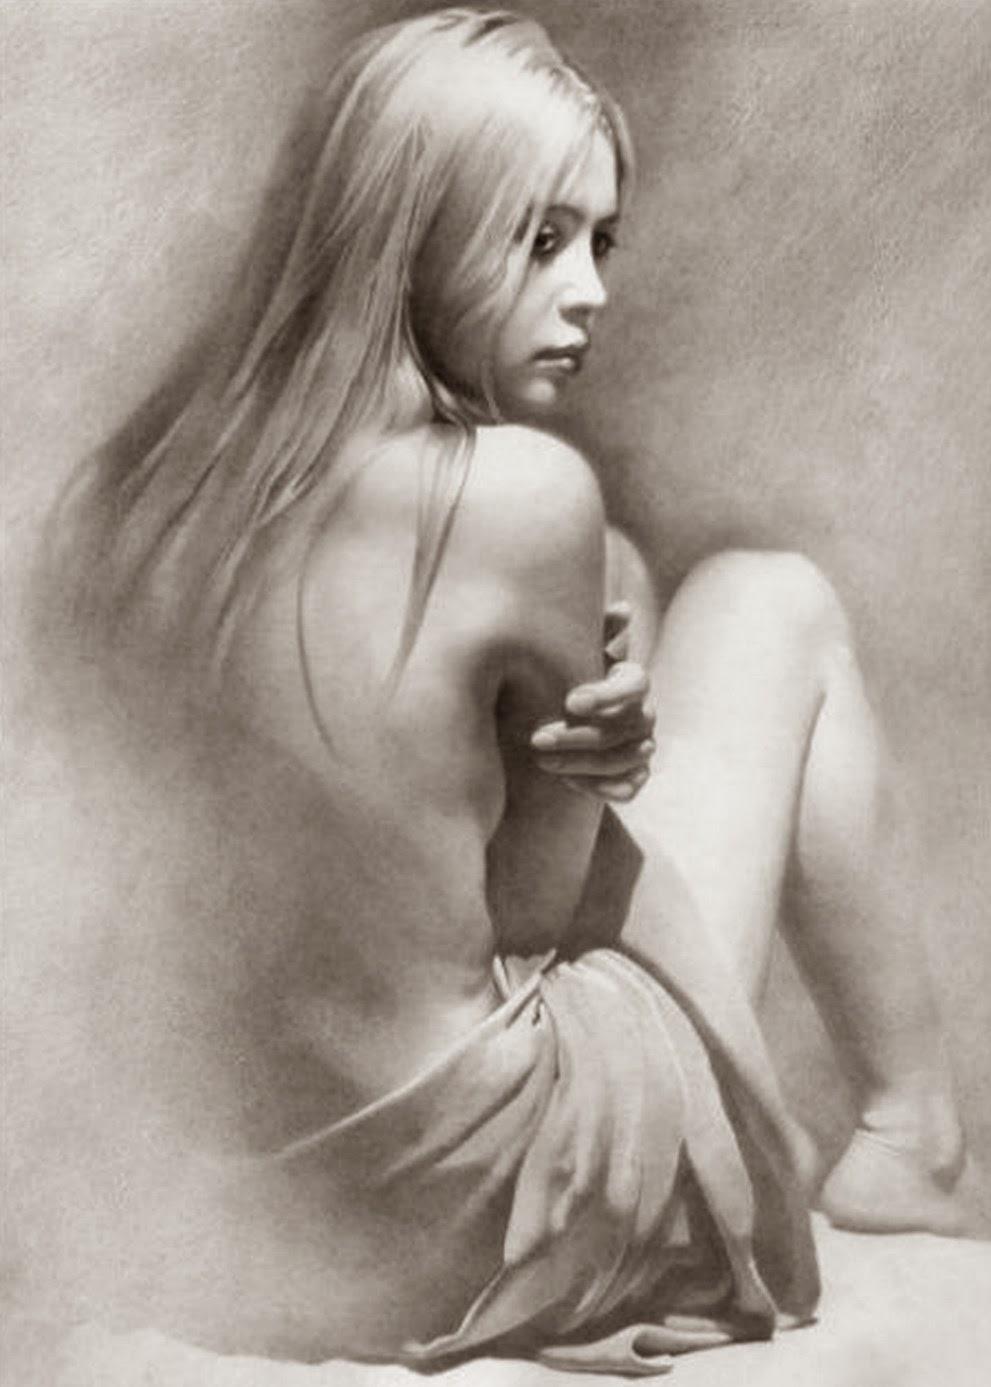 Pintura Moderna Y Fotografía Artística Dibujos Mujeres De Espalda